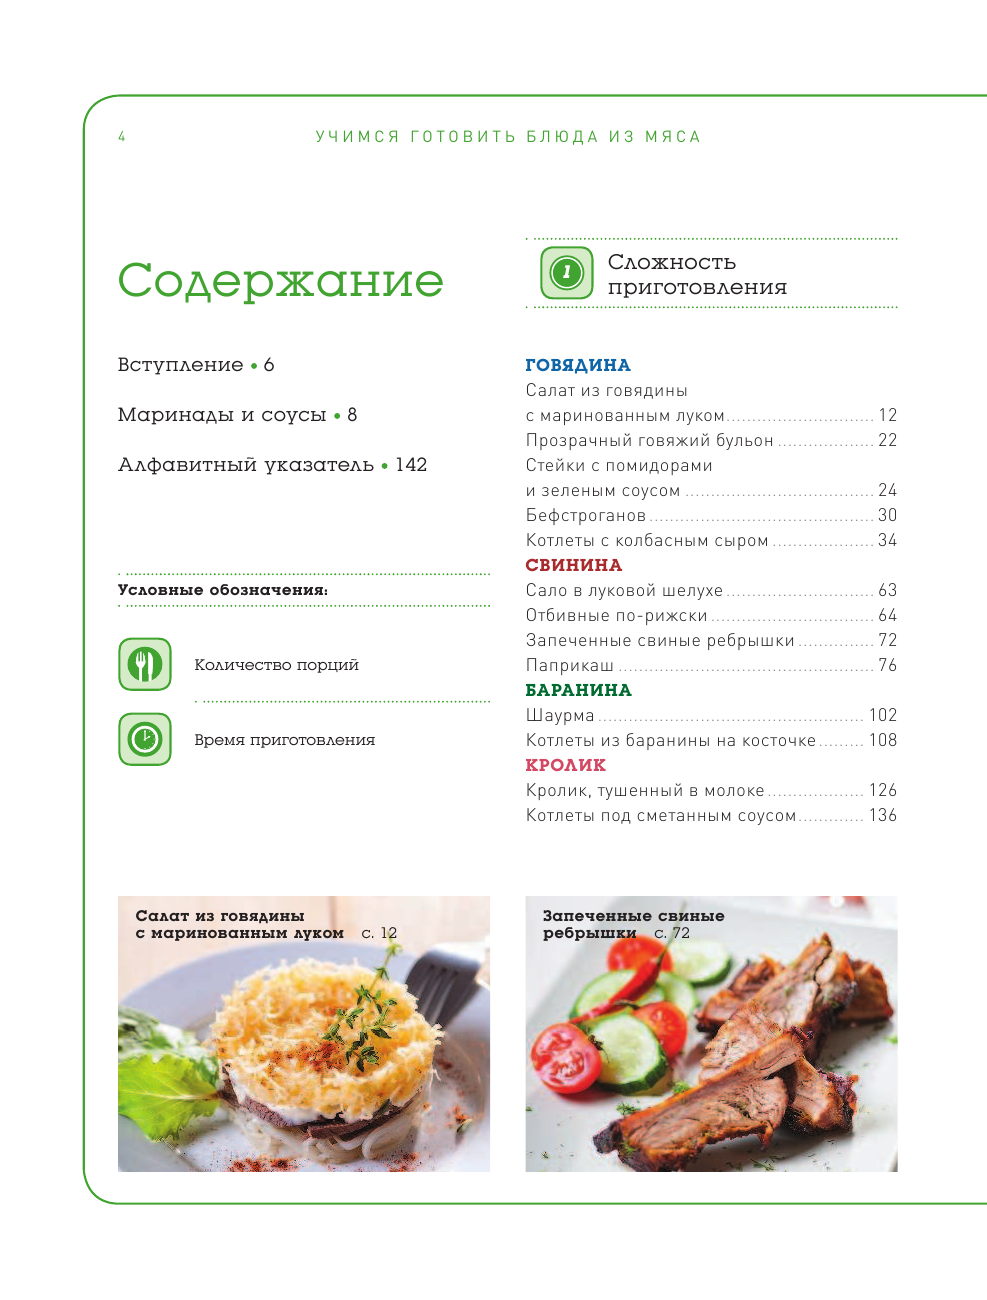 Рецепт блюд из говядины пошагово